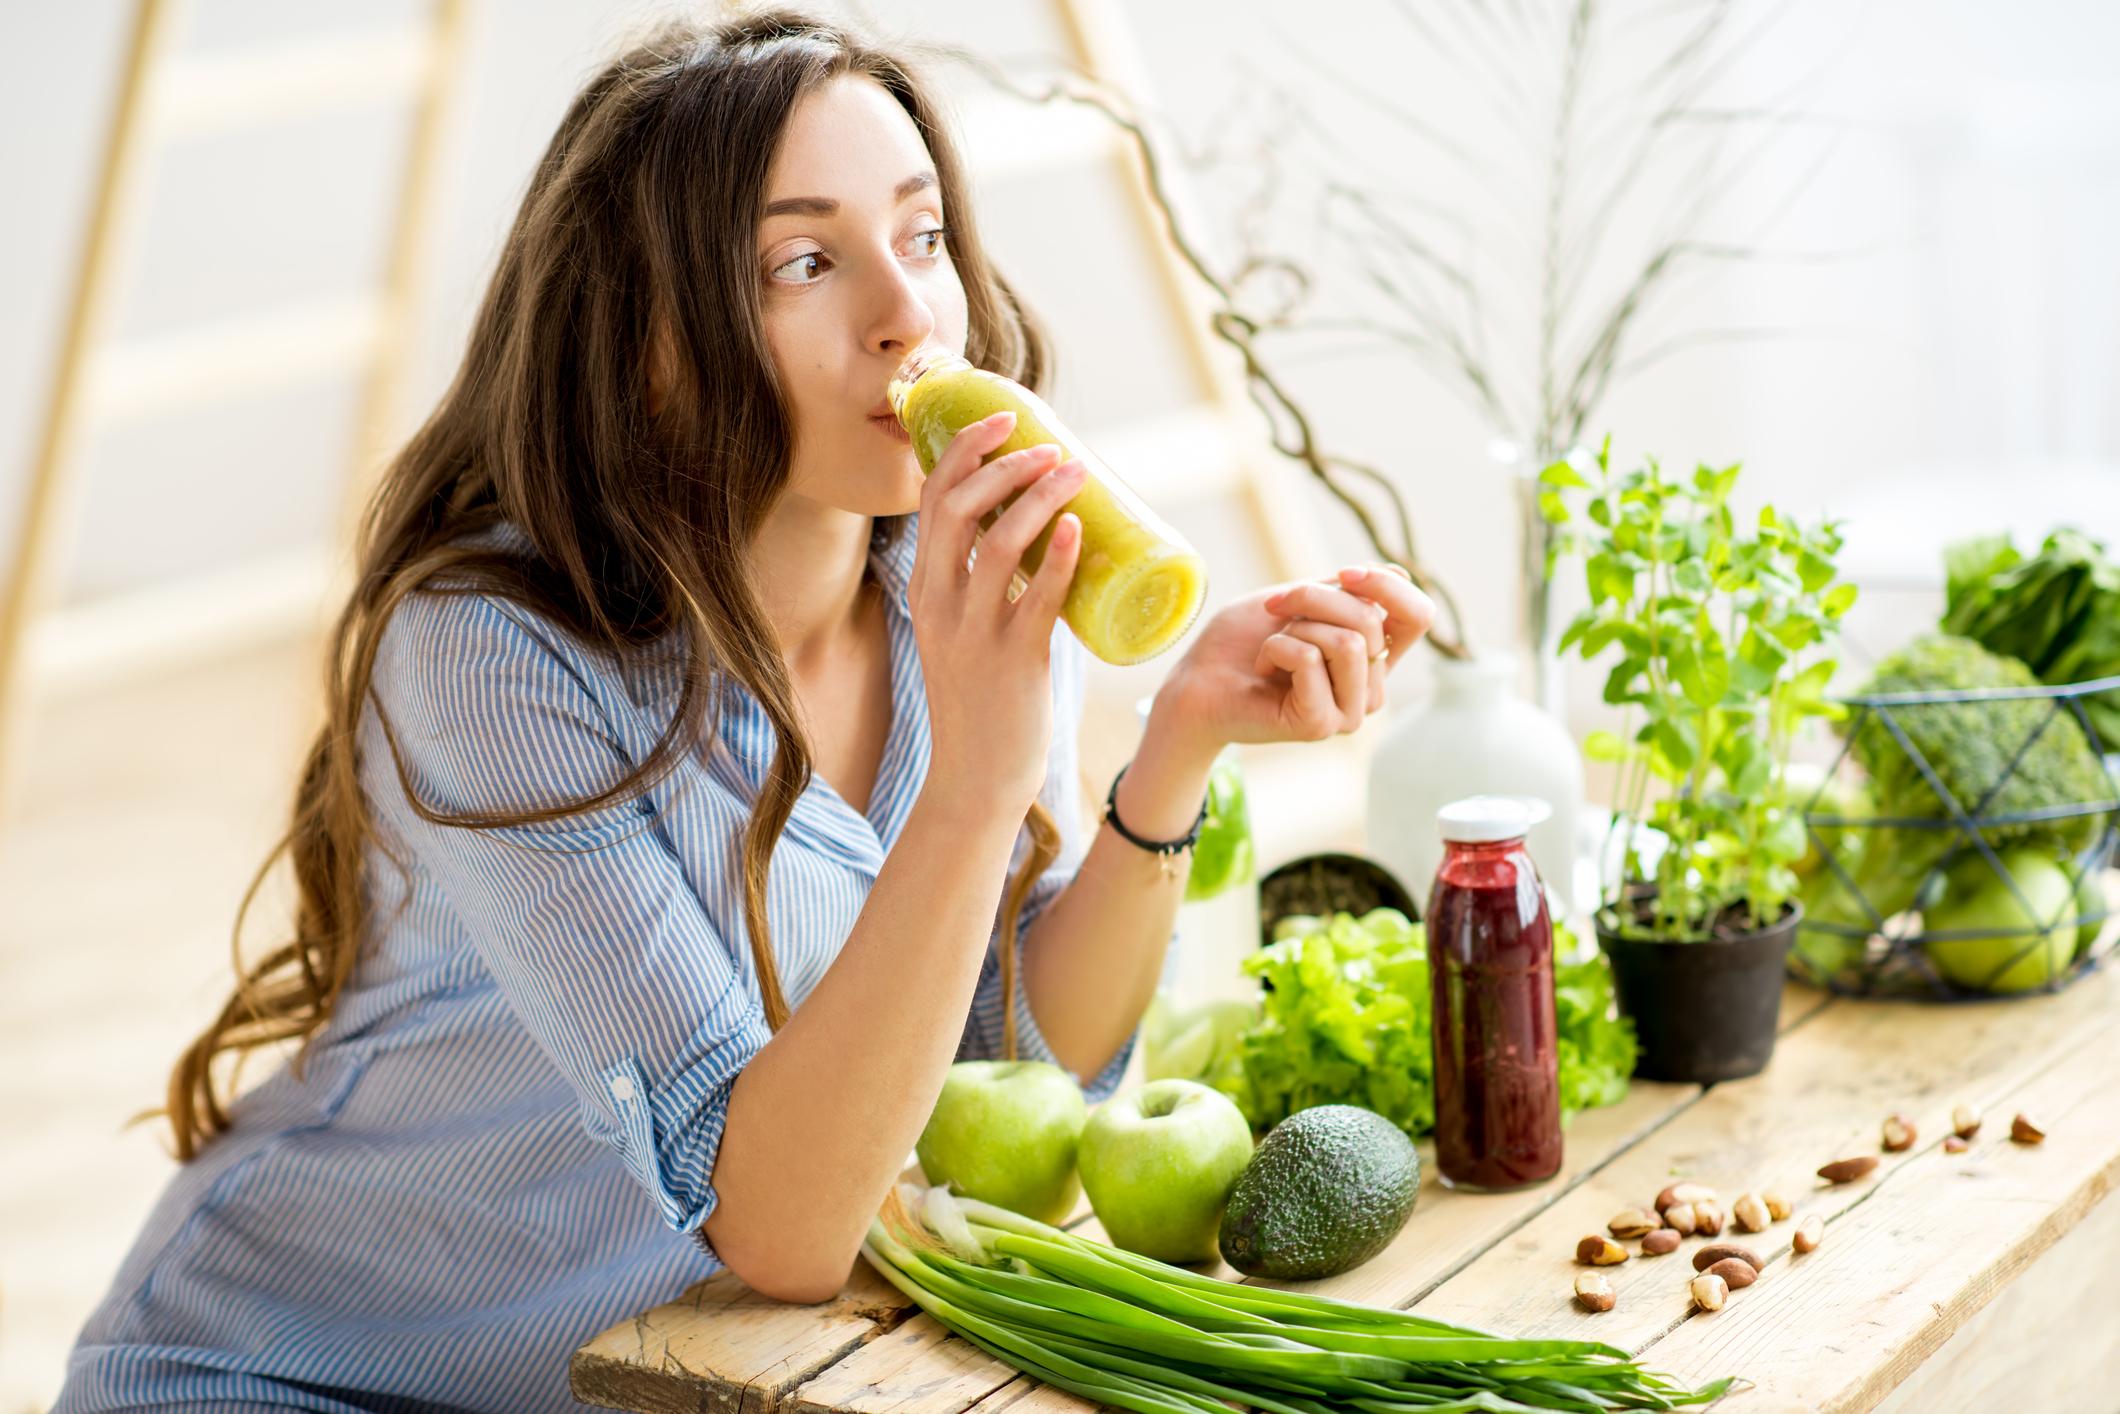 Muitas pessoas querem desintoxicar o organismo e pensam apenas em suplementos e regimes mirabolantes. Muitos alimentos já ajudam a desintoxicar o organismo.